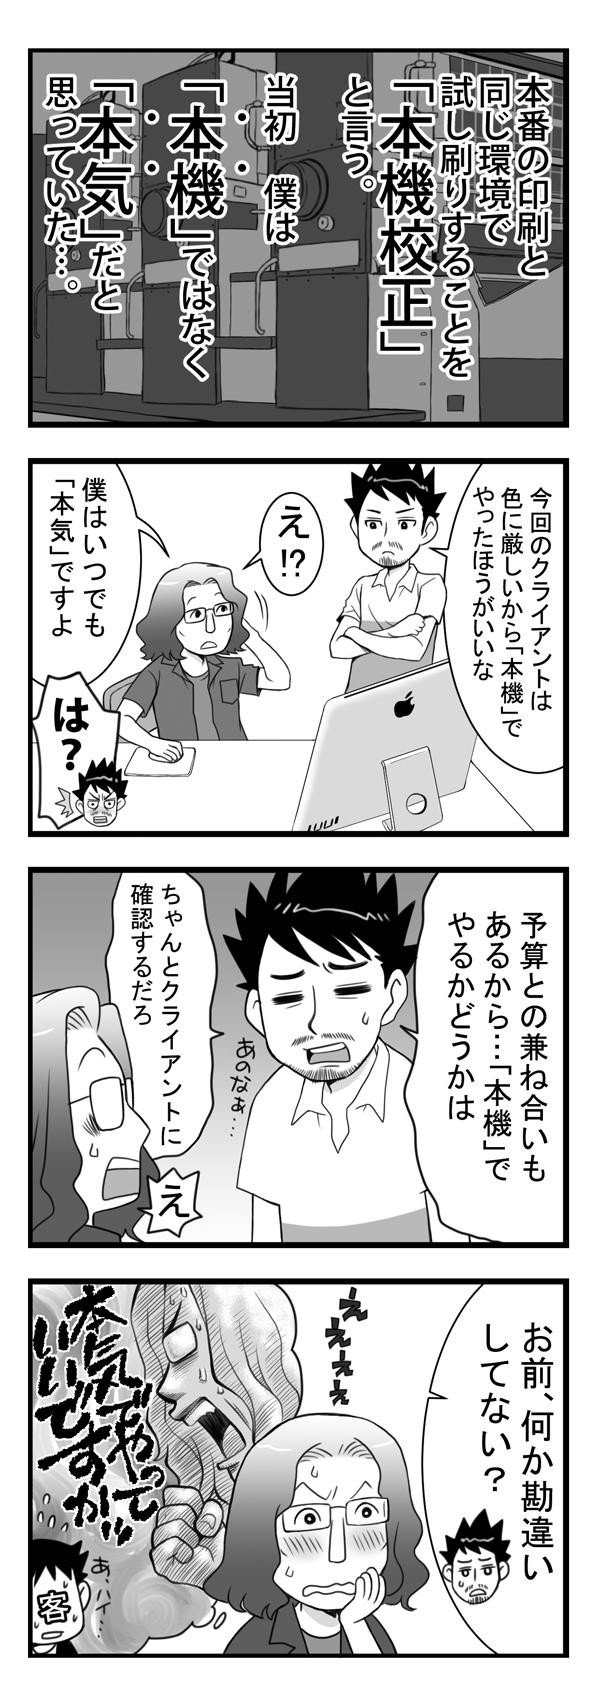 第13話 デザイナー漫画